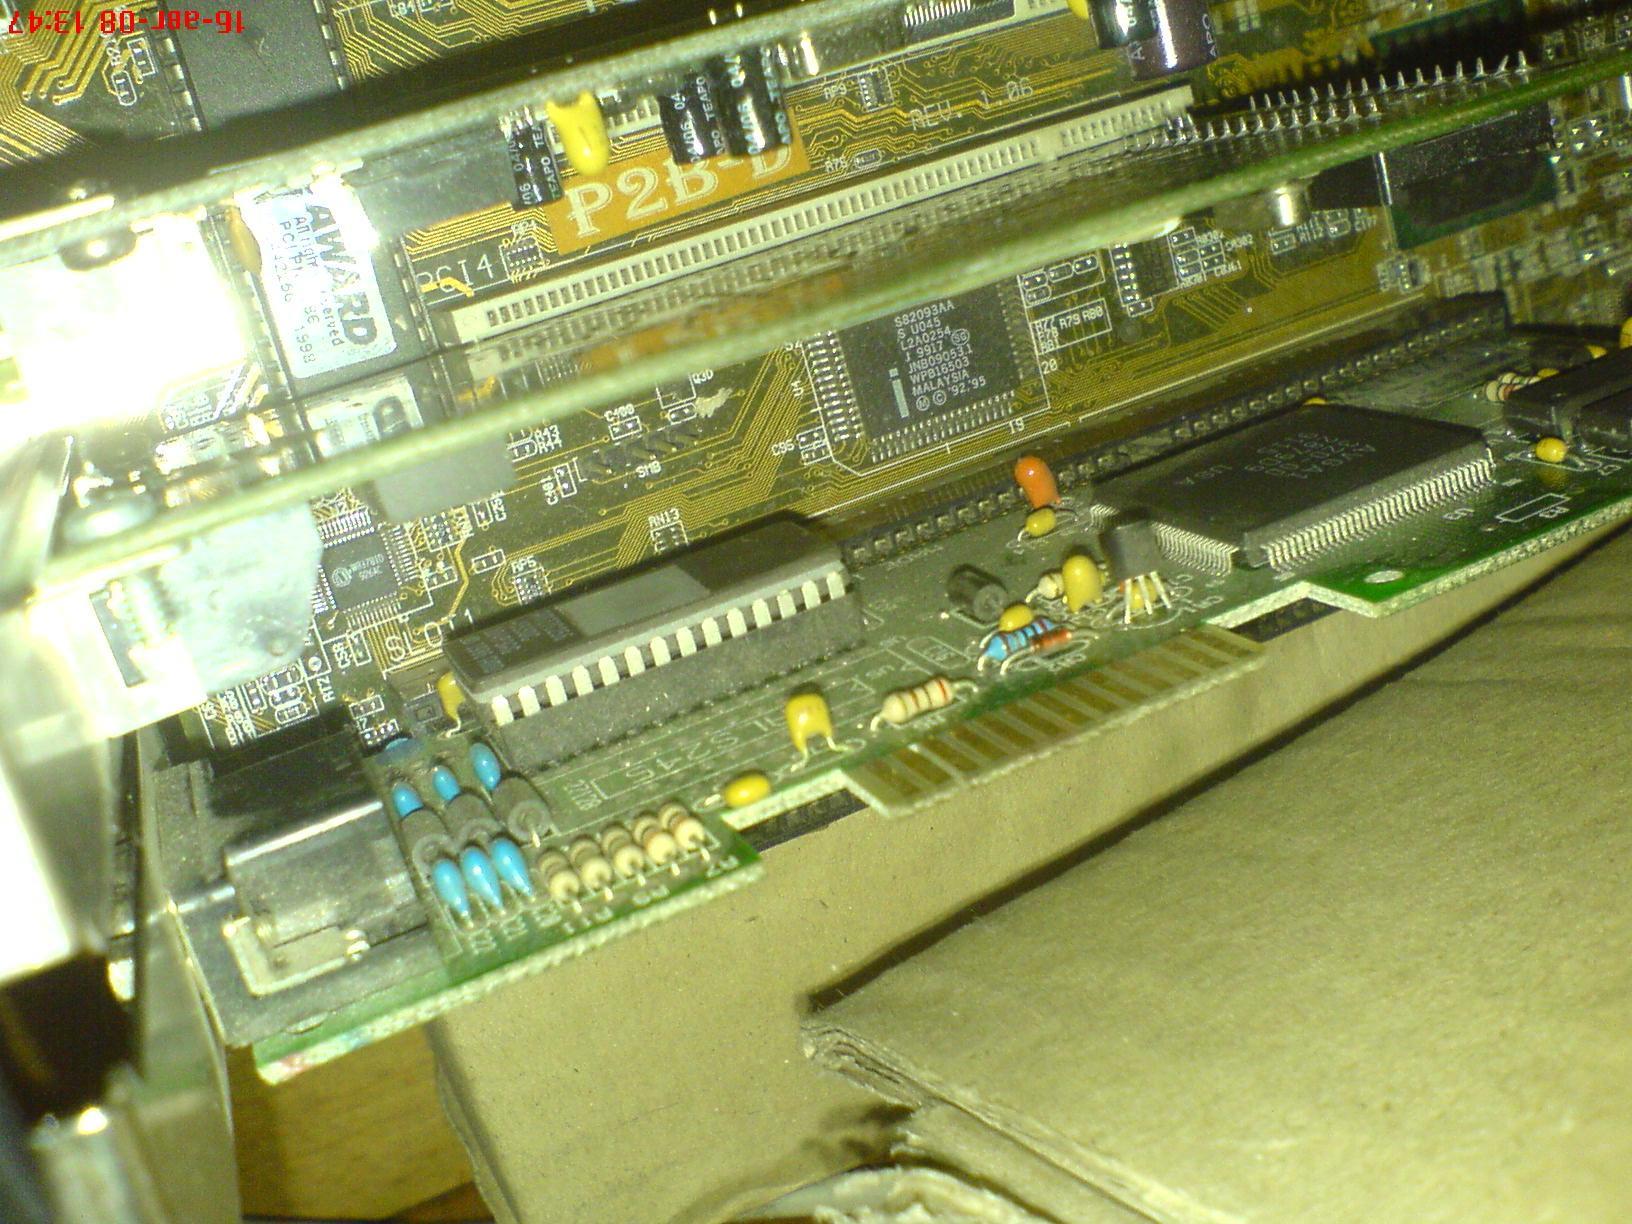 ISA VGA Card